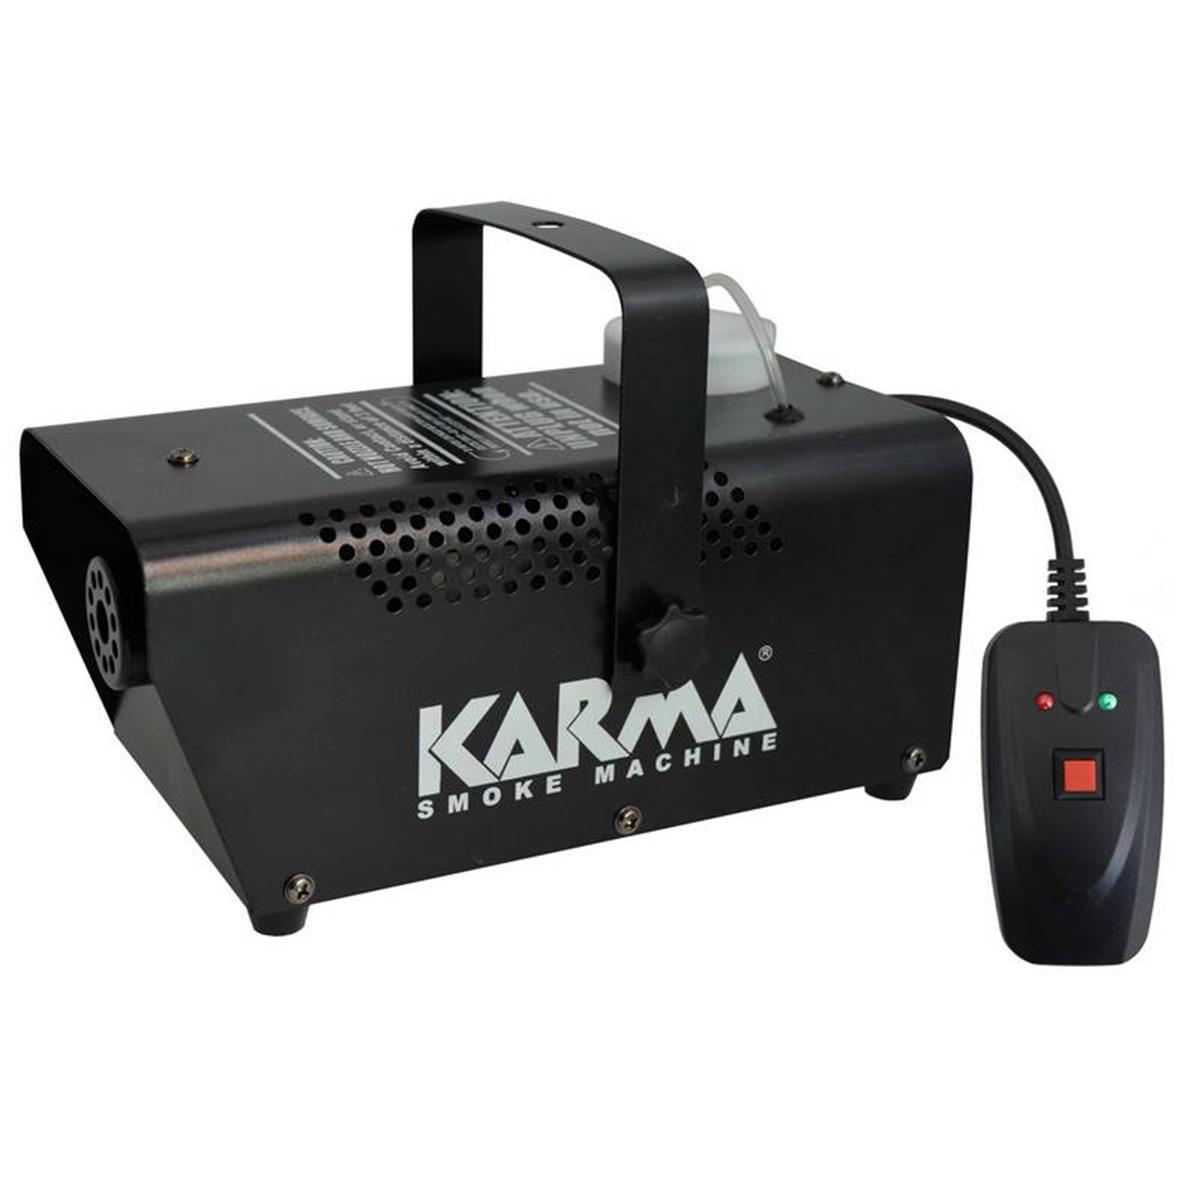 KARMA DJ 700 Mini smoke machine MACCHINA DEL FUMO